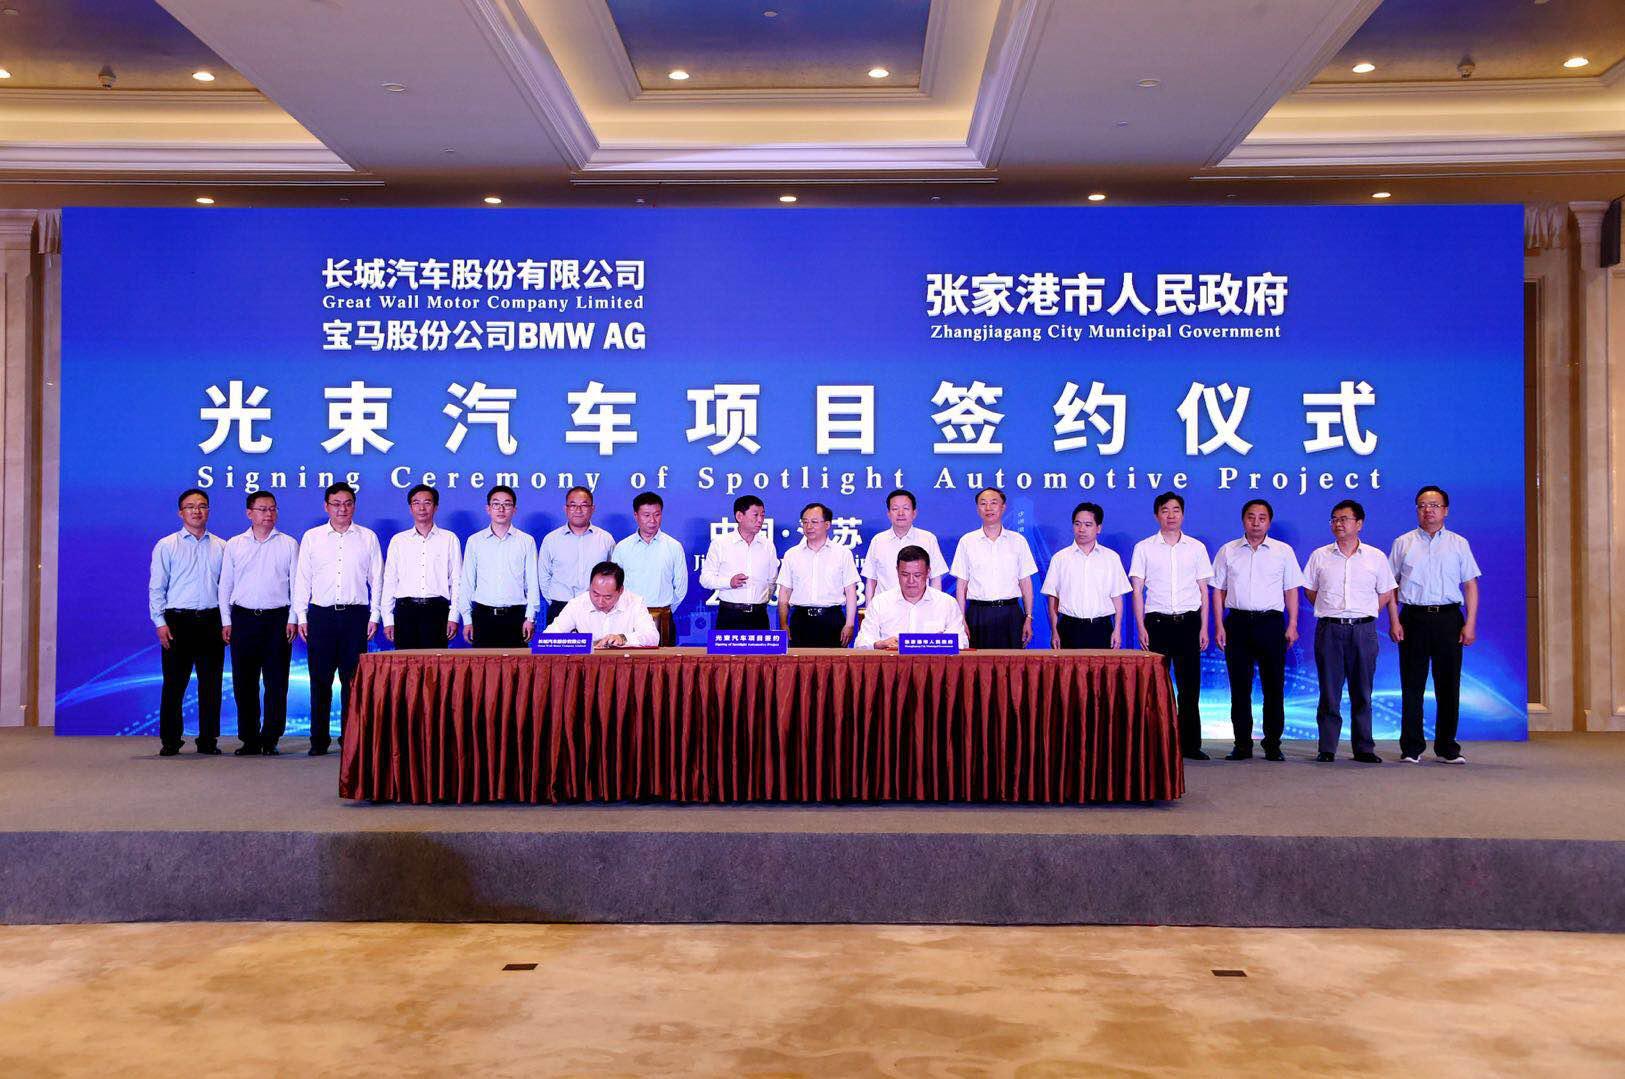 长城汽车与张家港市签订整车合资项目投资协议